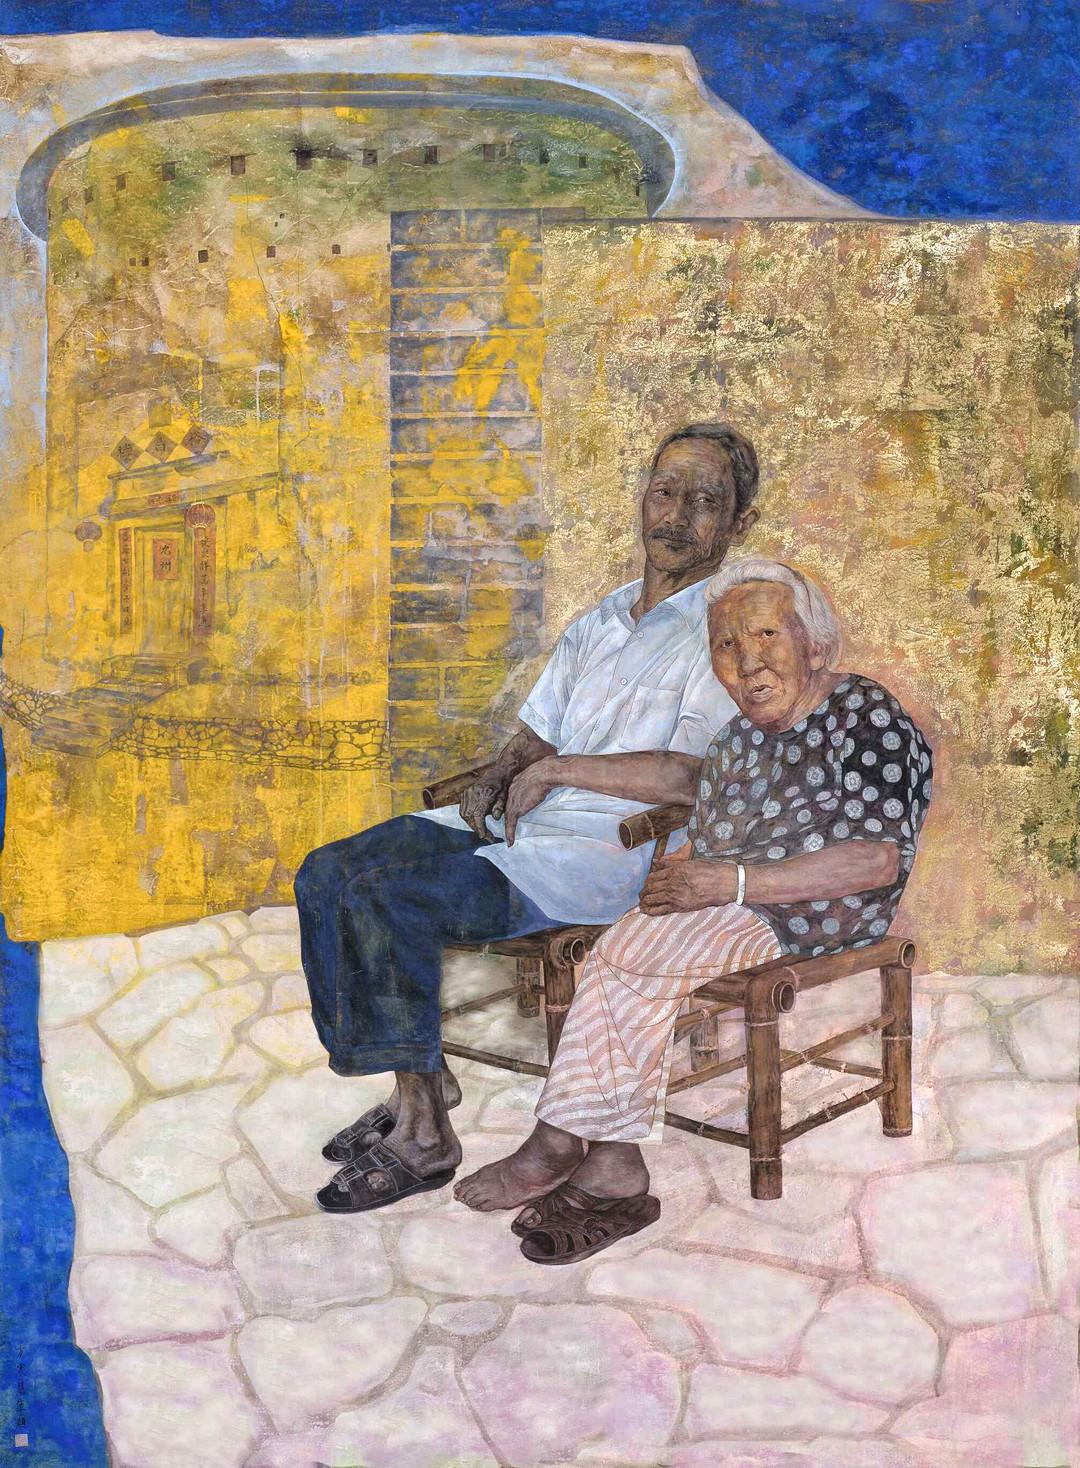 《人约黄昏后》160x220cm 国画重彩 纸本设色 2016年 国展作品